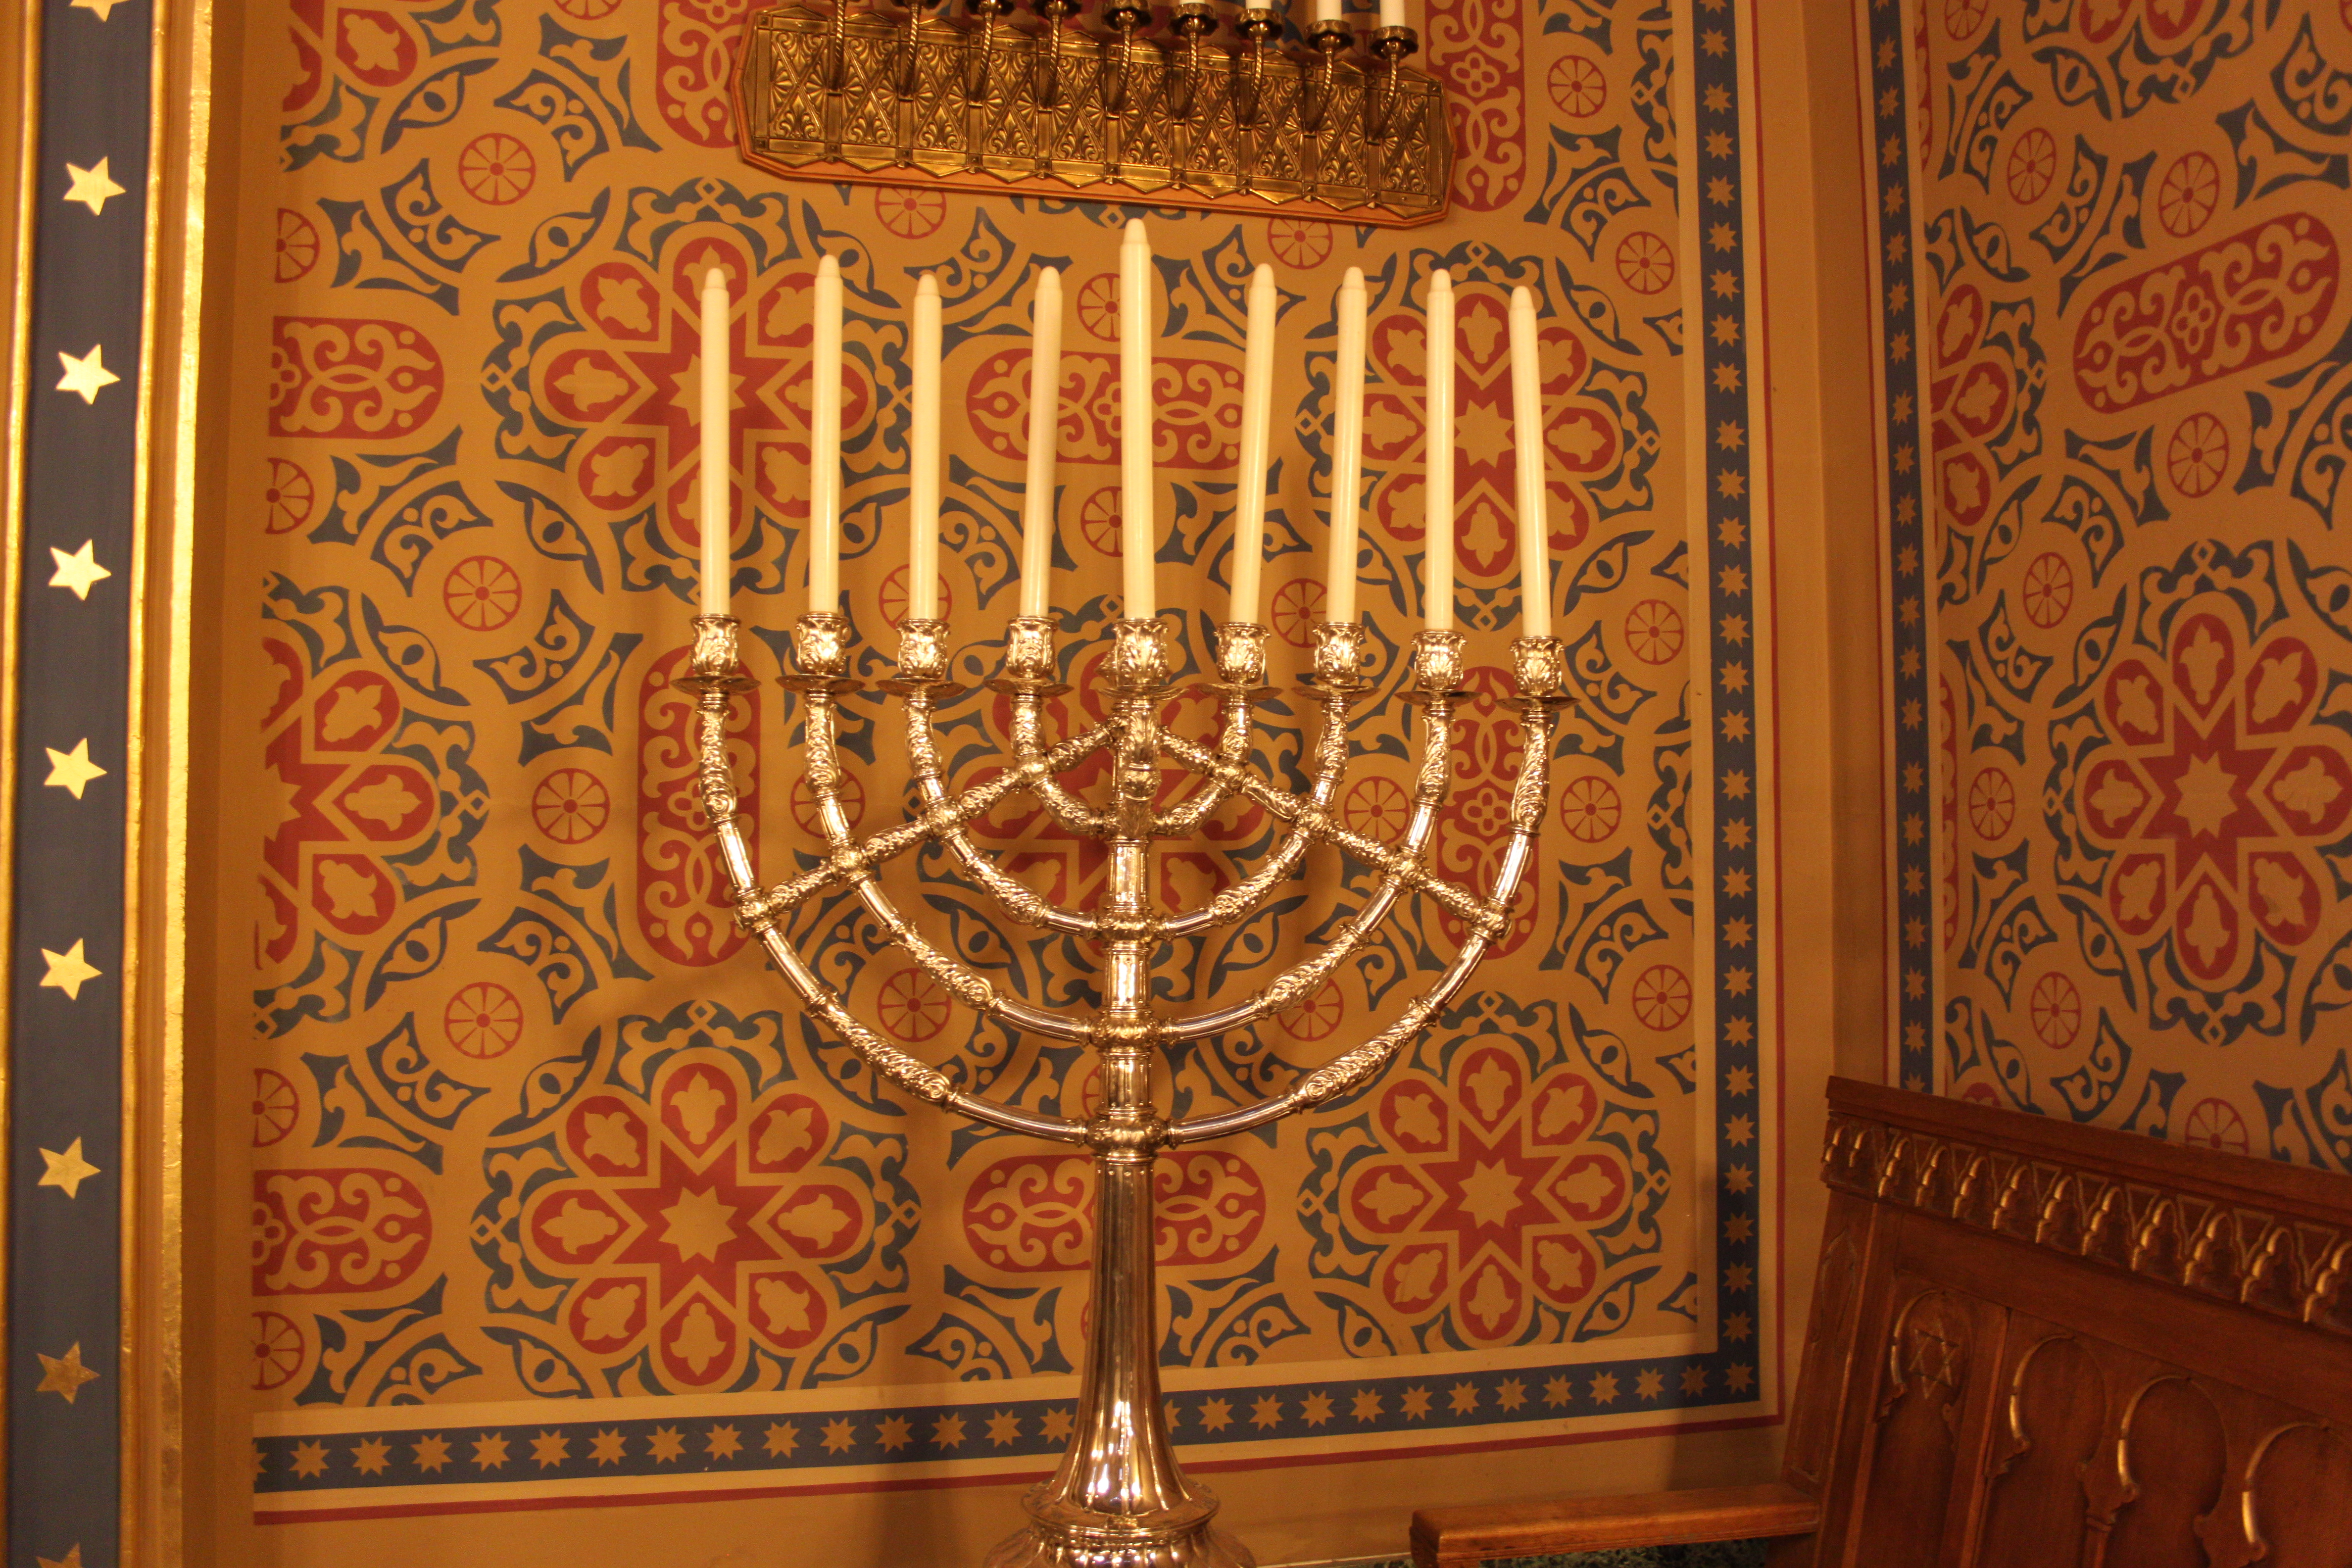 Der grosse neunarmige Leuchter steht schon mal für das Channukahfest bereit, das 2014 am 17. Dezember beginnt.